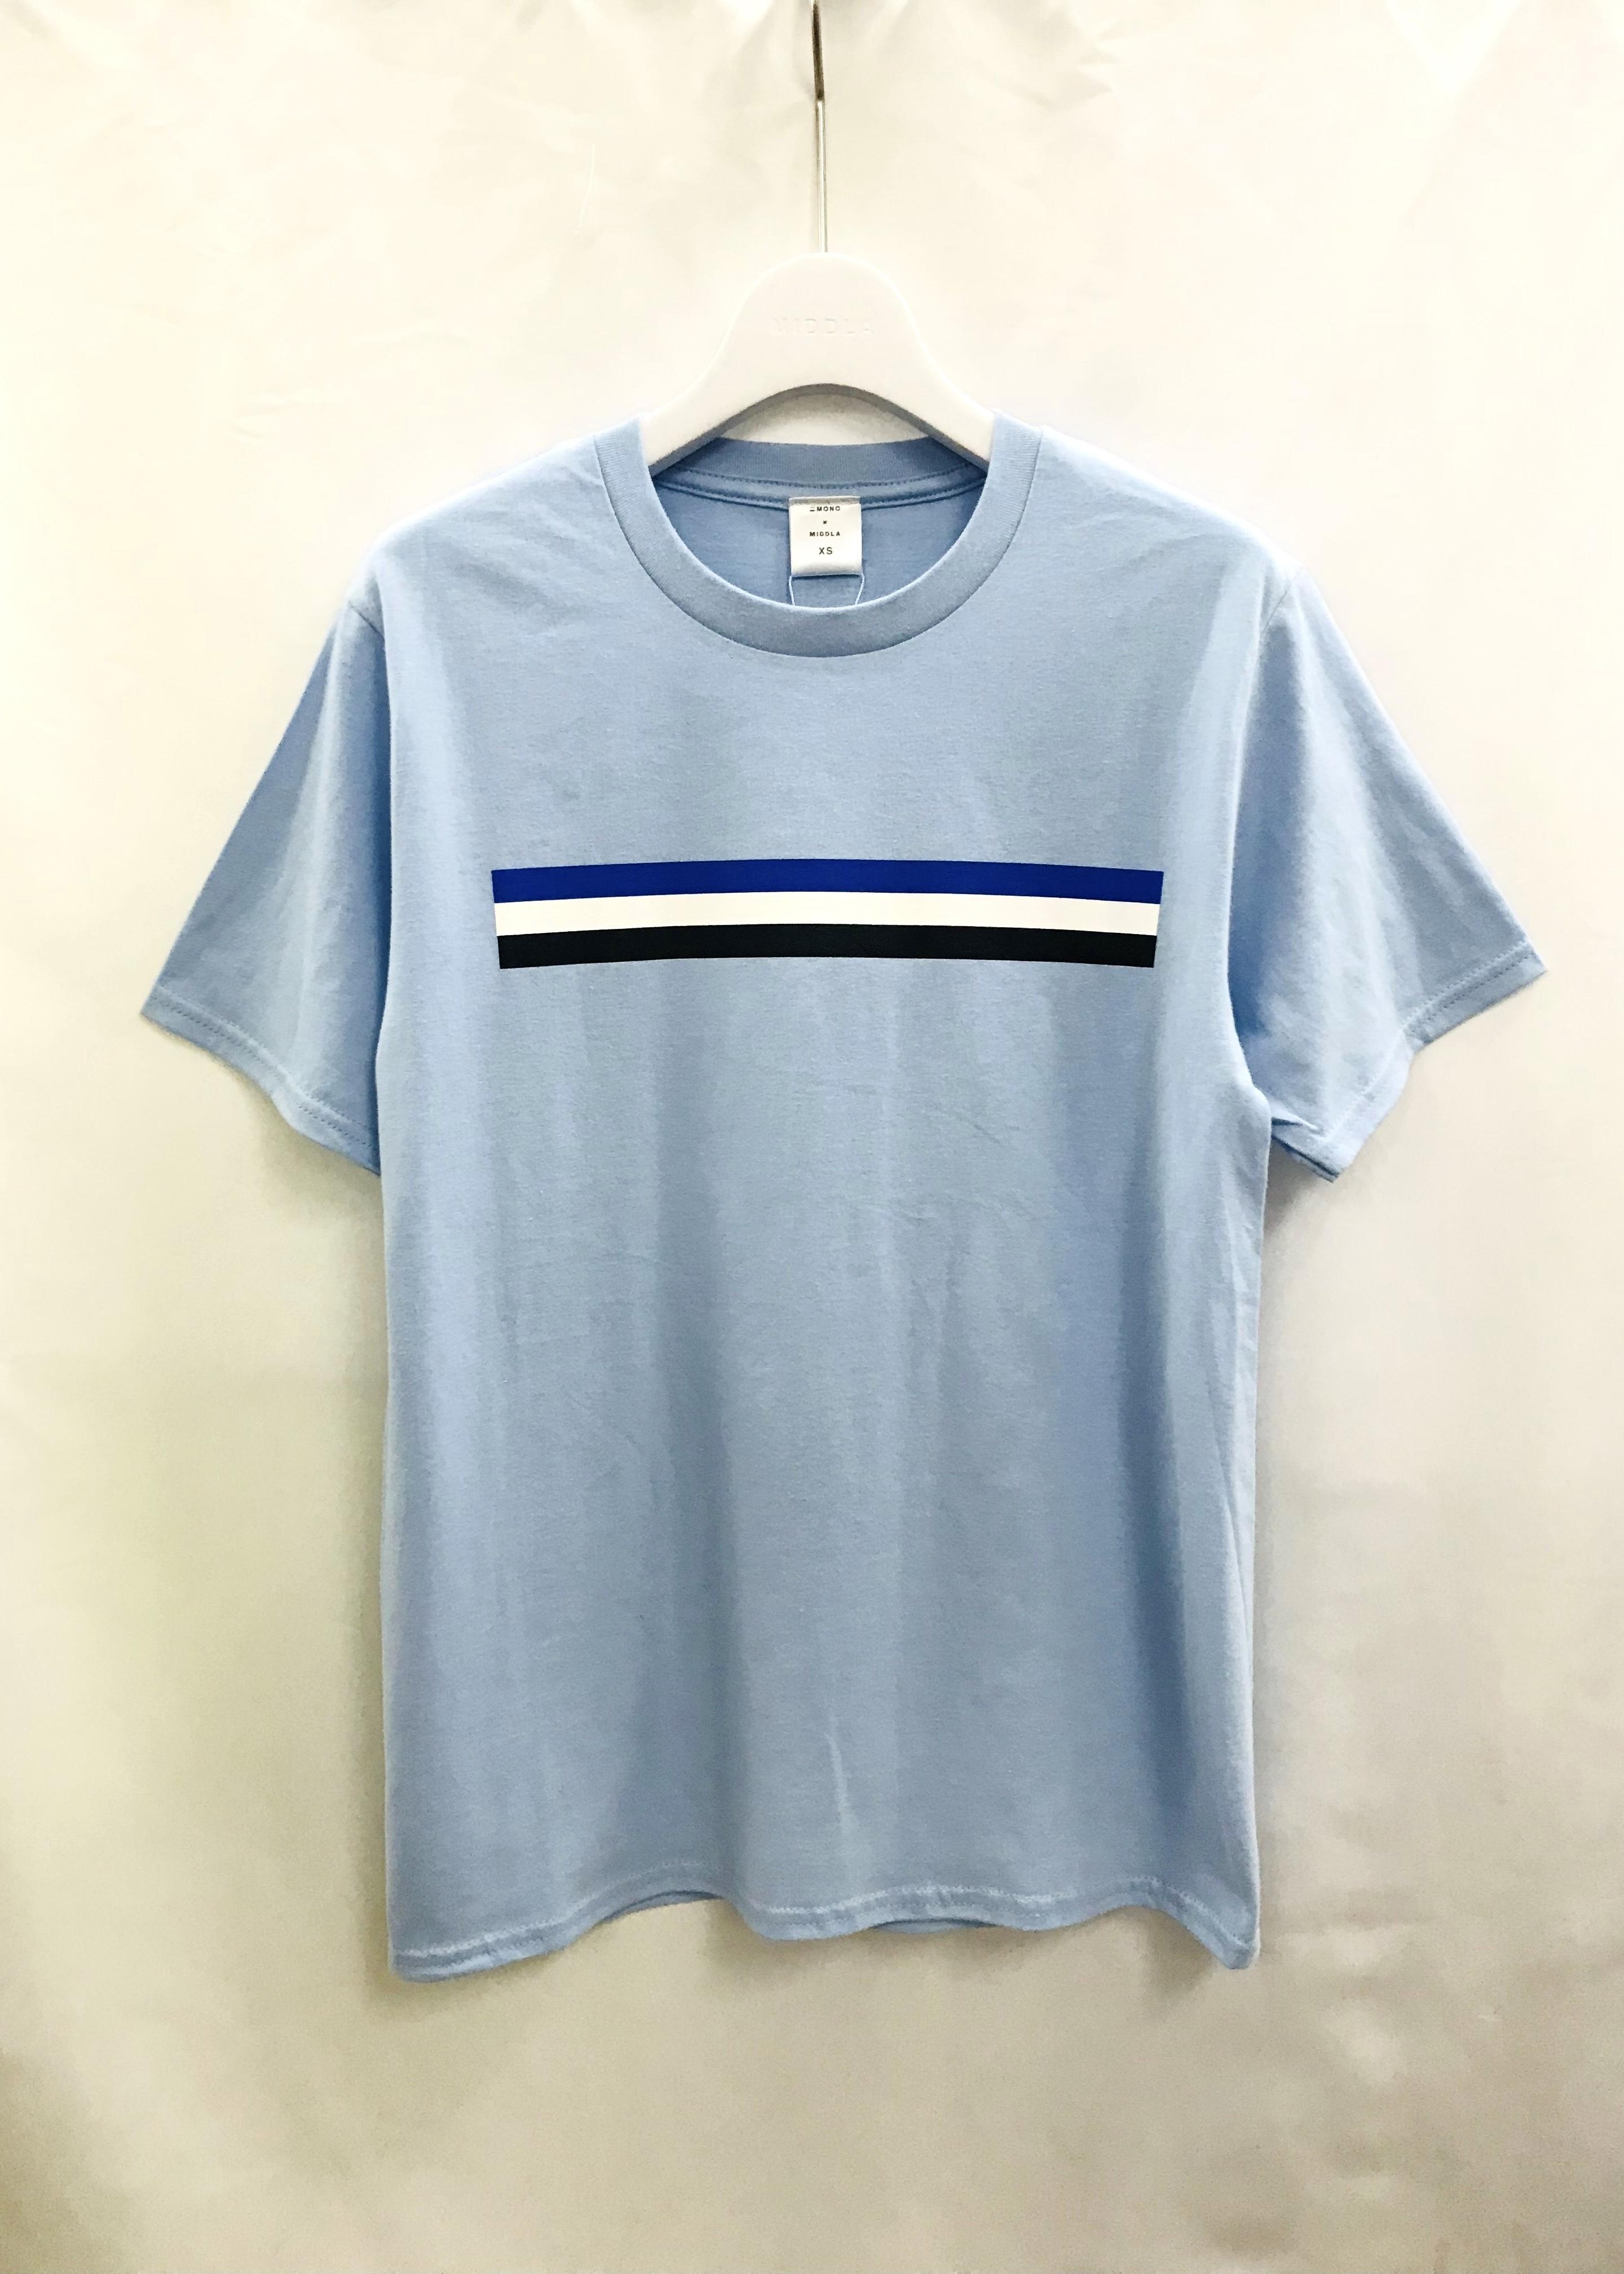 MONO bar Regular Fit T-shirt